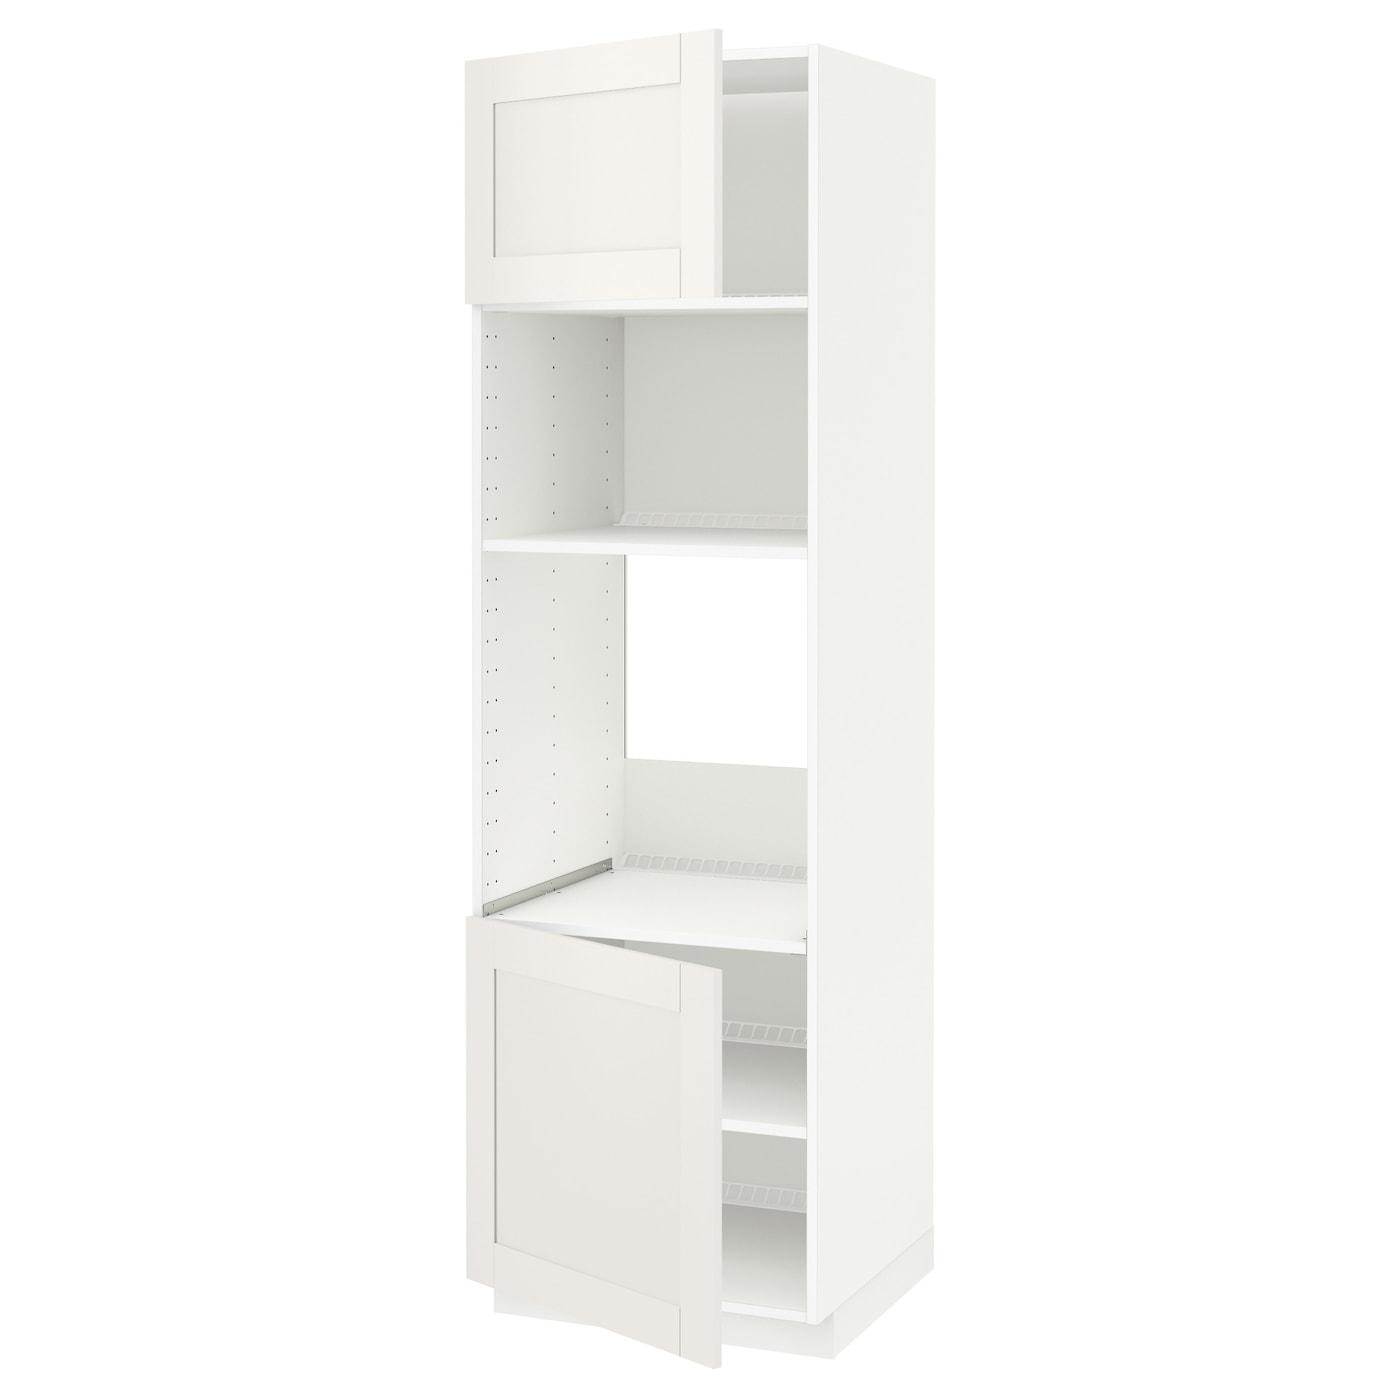 METOD, HS für Ofen/Mikro m 2 Türen/Böden, weiß 290.641.95